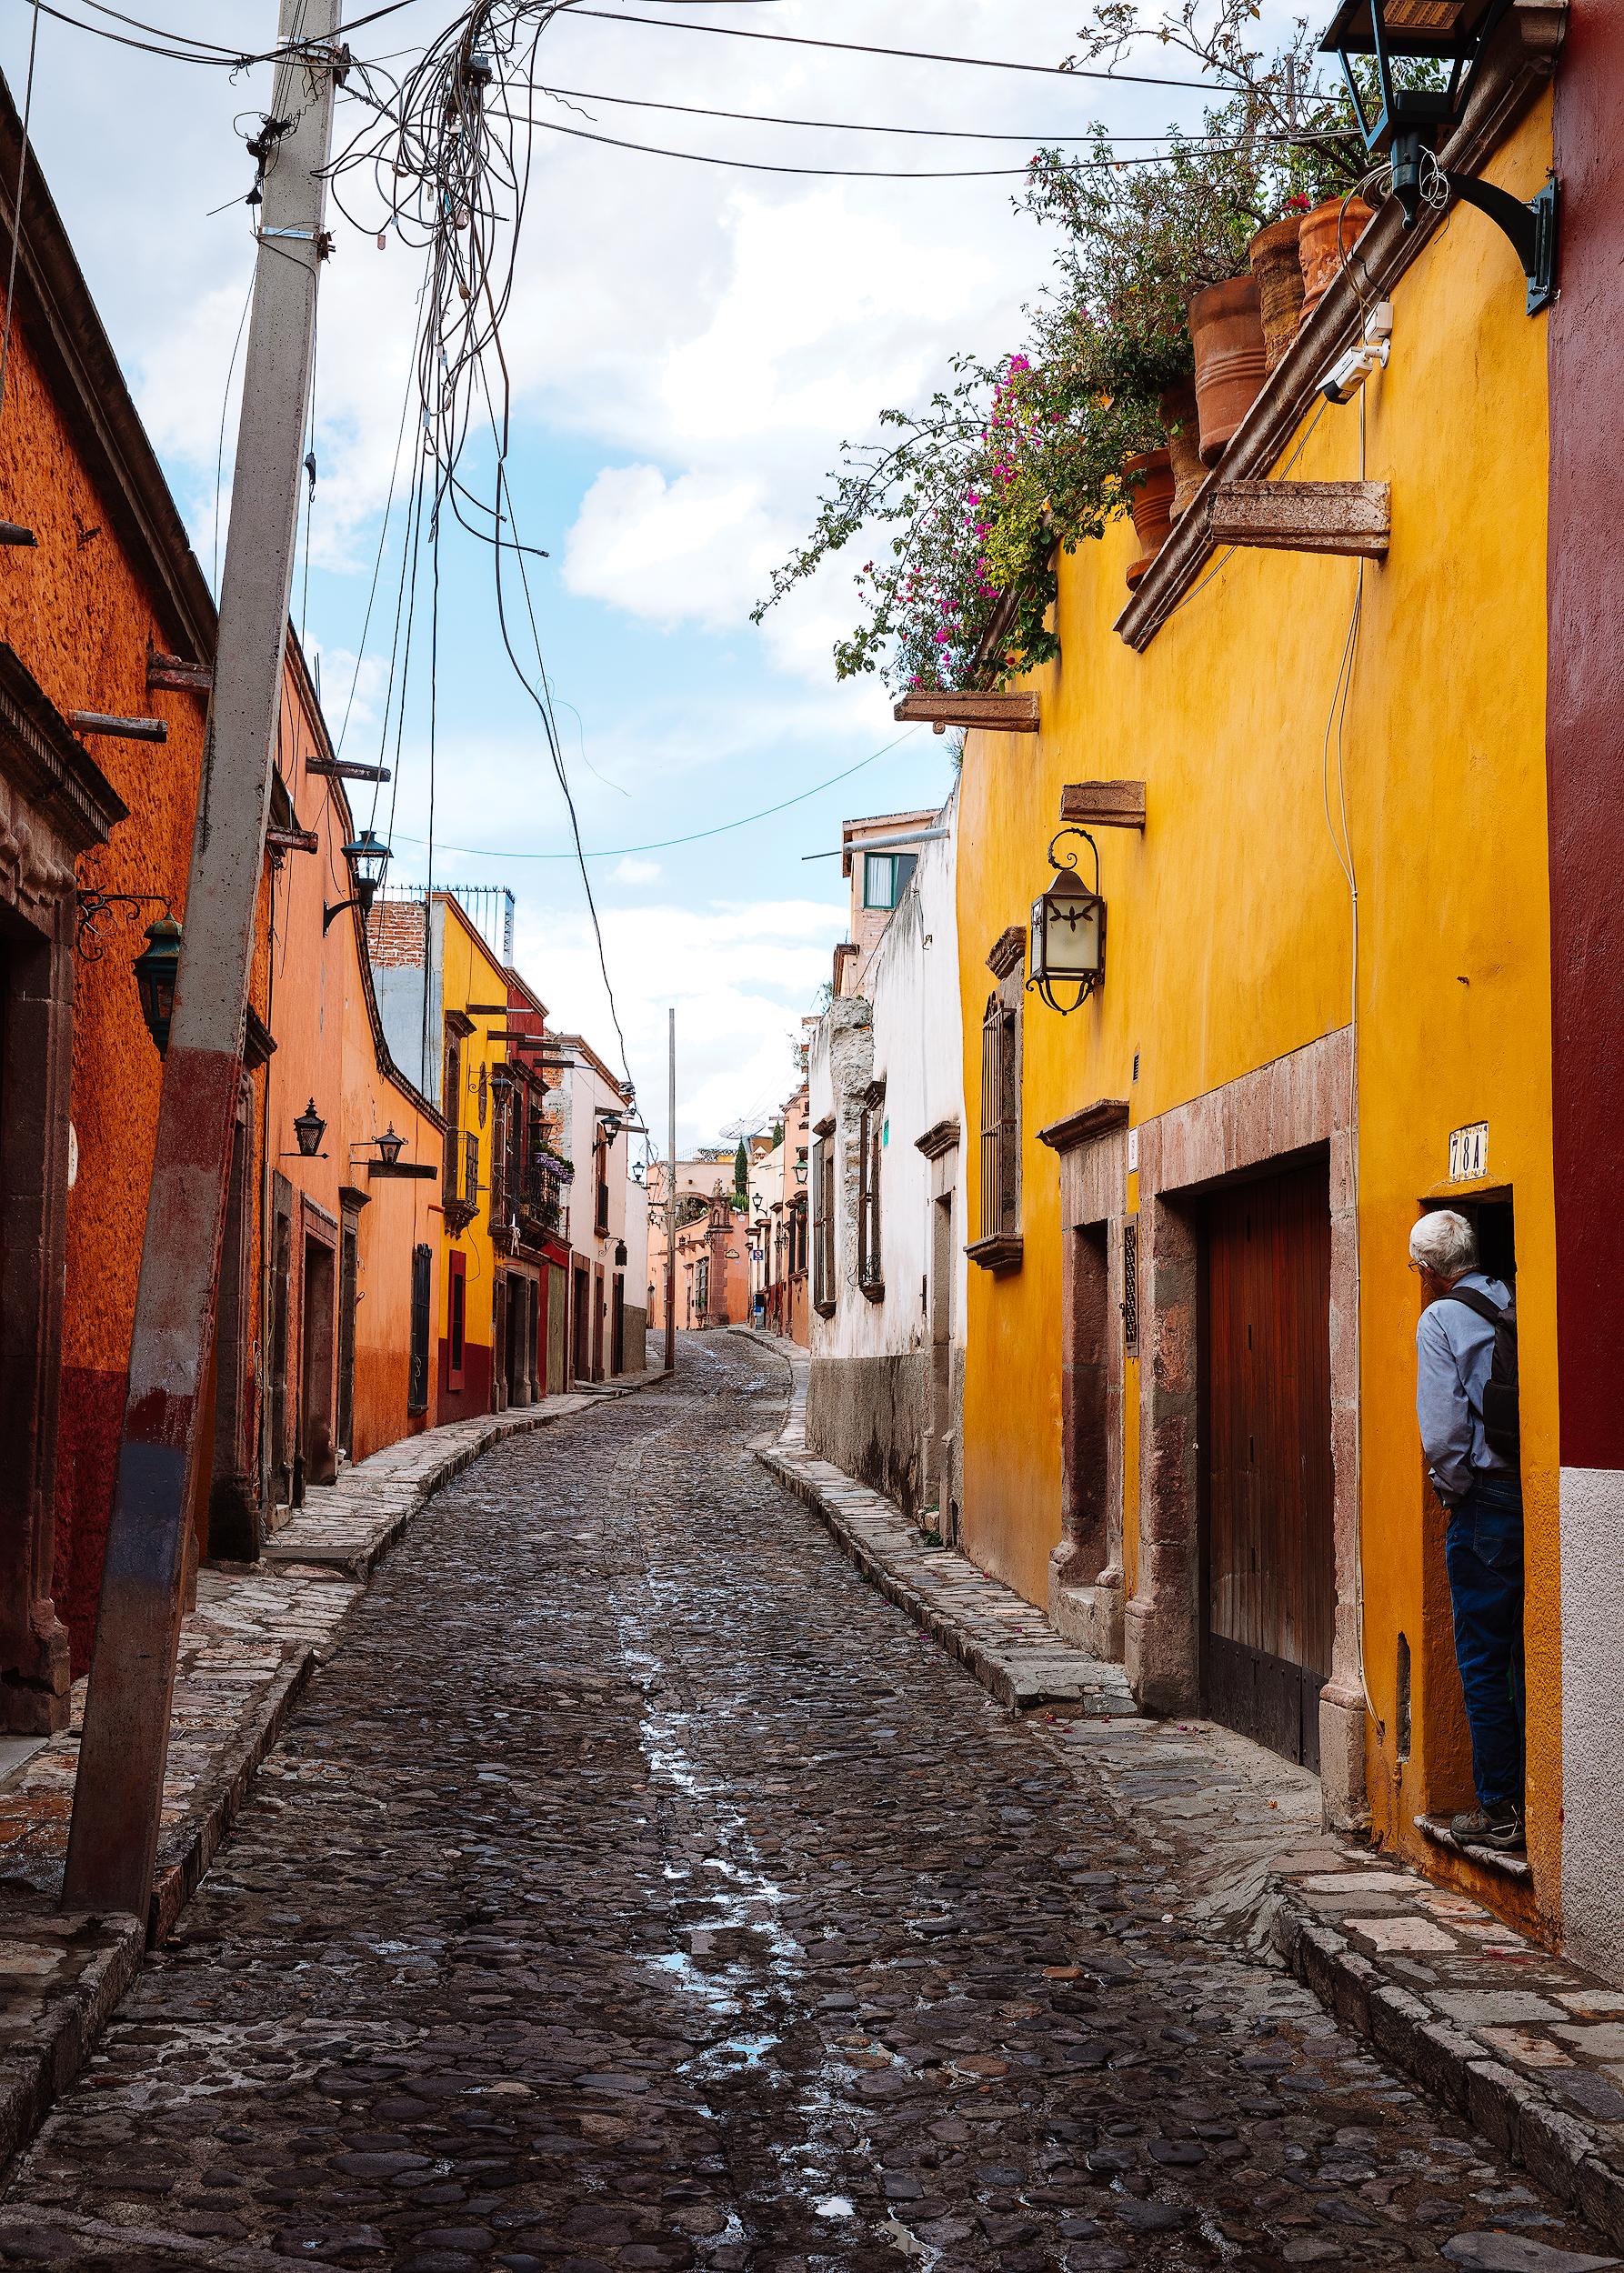 Man in doorway looking down the street in San Miguel de Allende